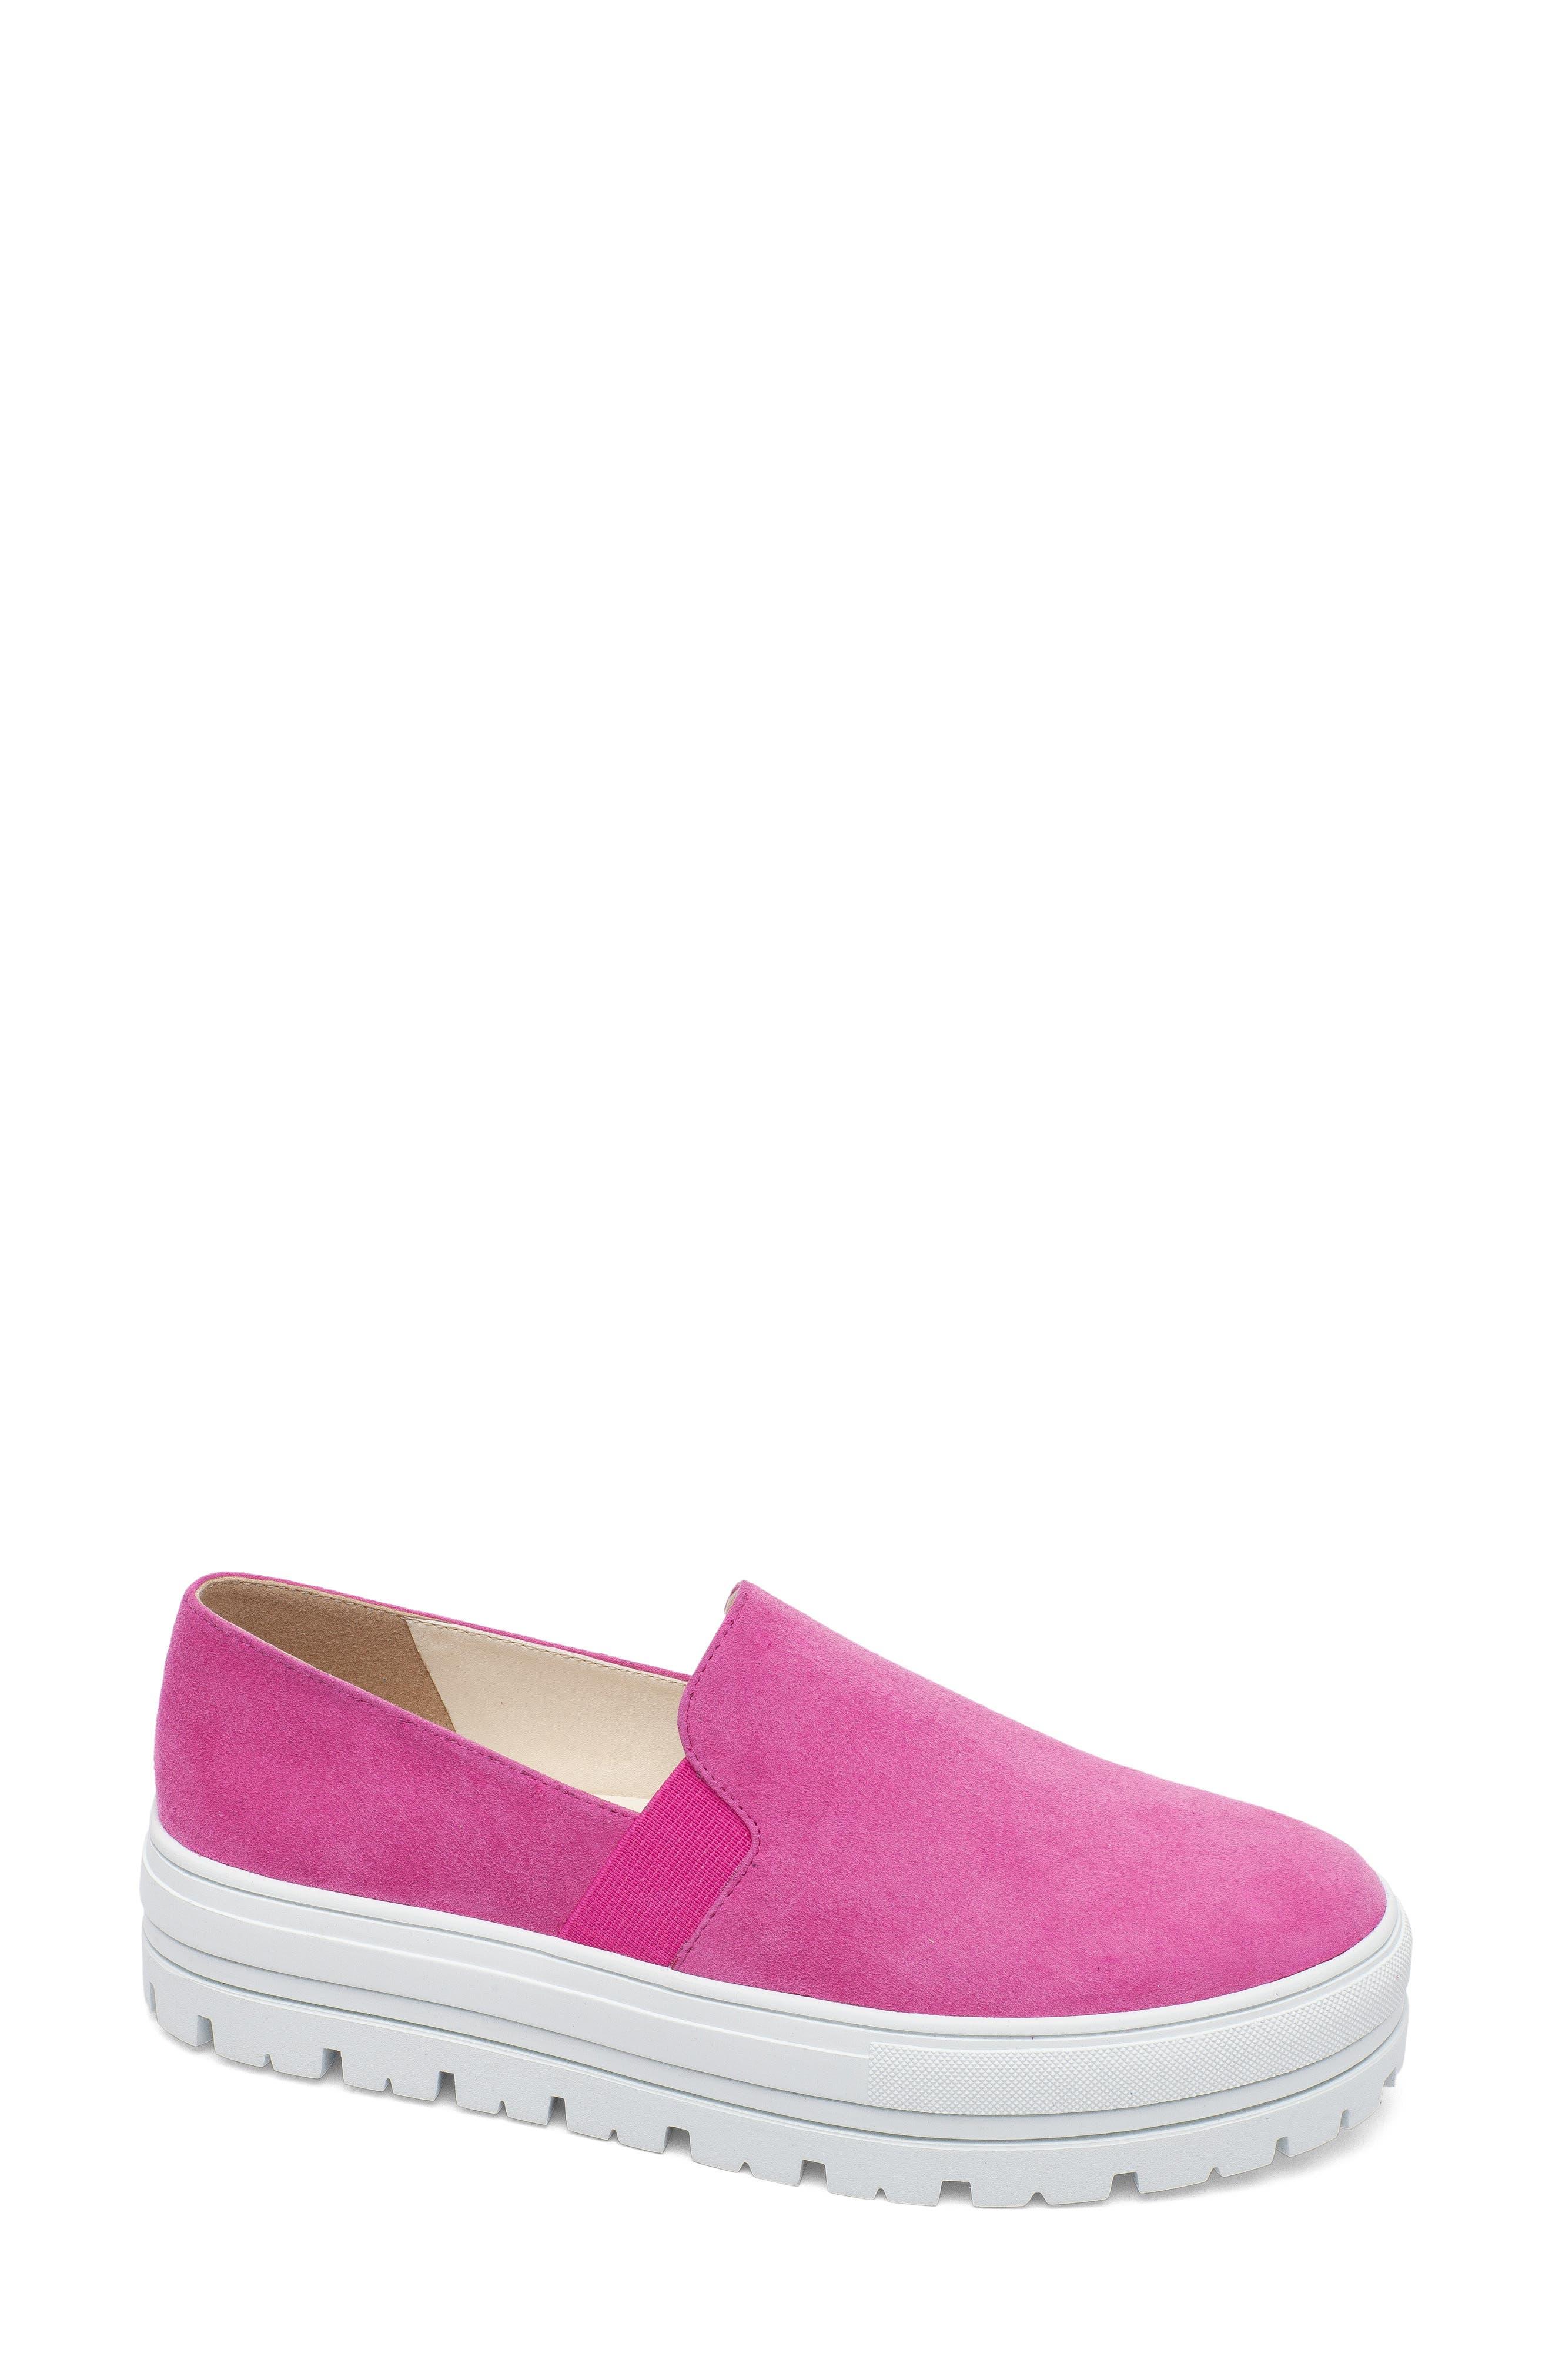 Gift Platform Slip-On Sneaker